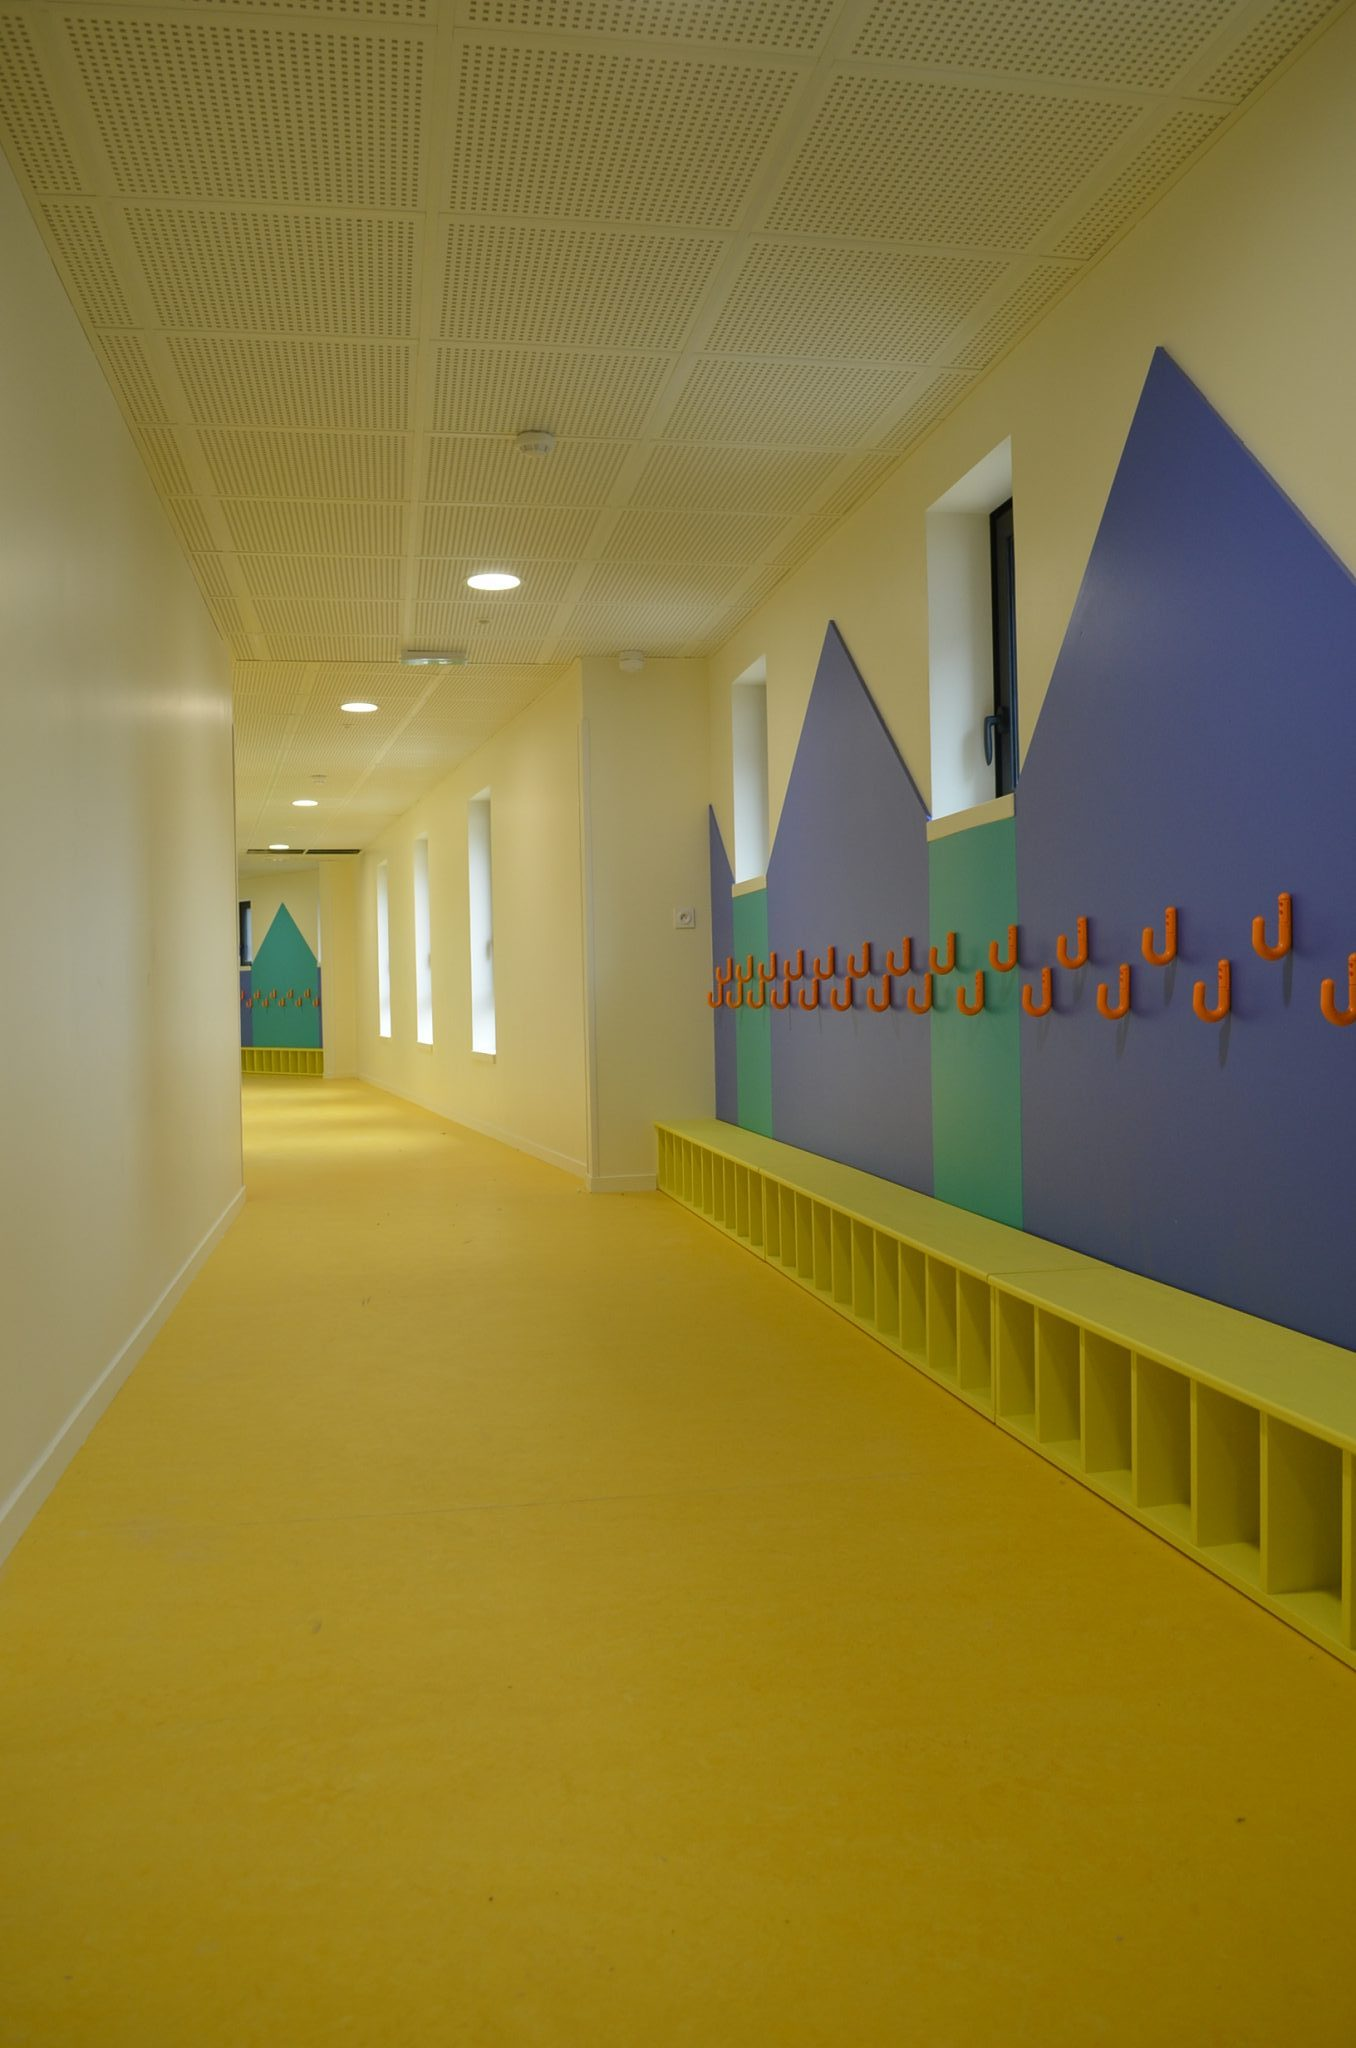 le hall vestiaire de l 39 cole maternelle de sainte h l ne. Black Bedroom Furniture Sets. Home Design Ideas